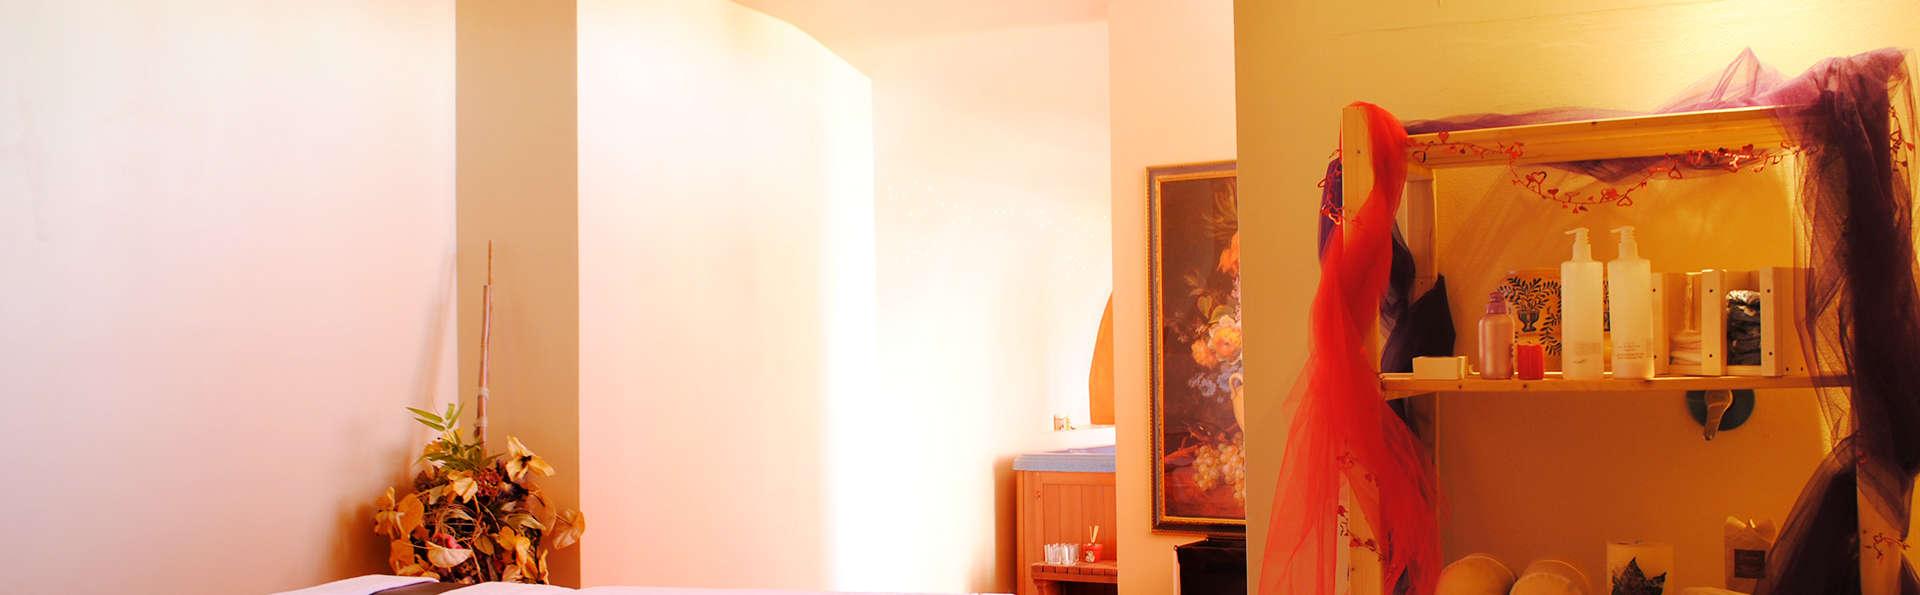 Park Hotel Spa & Resort - EDIT_massageroom.jpg